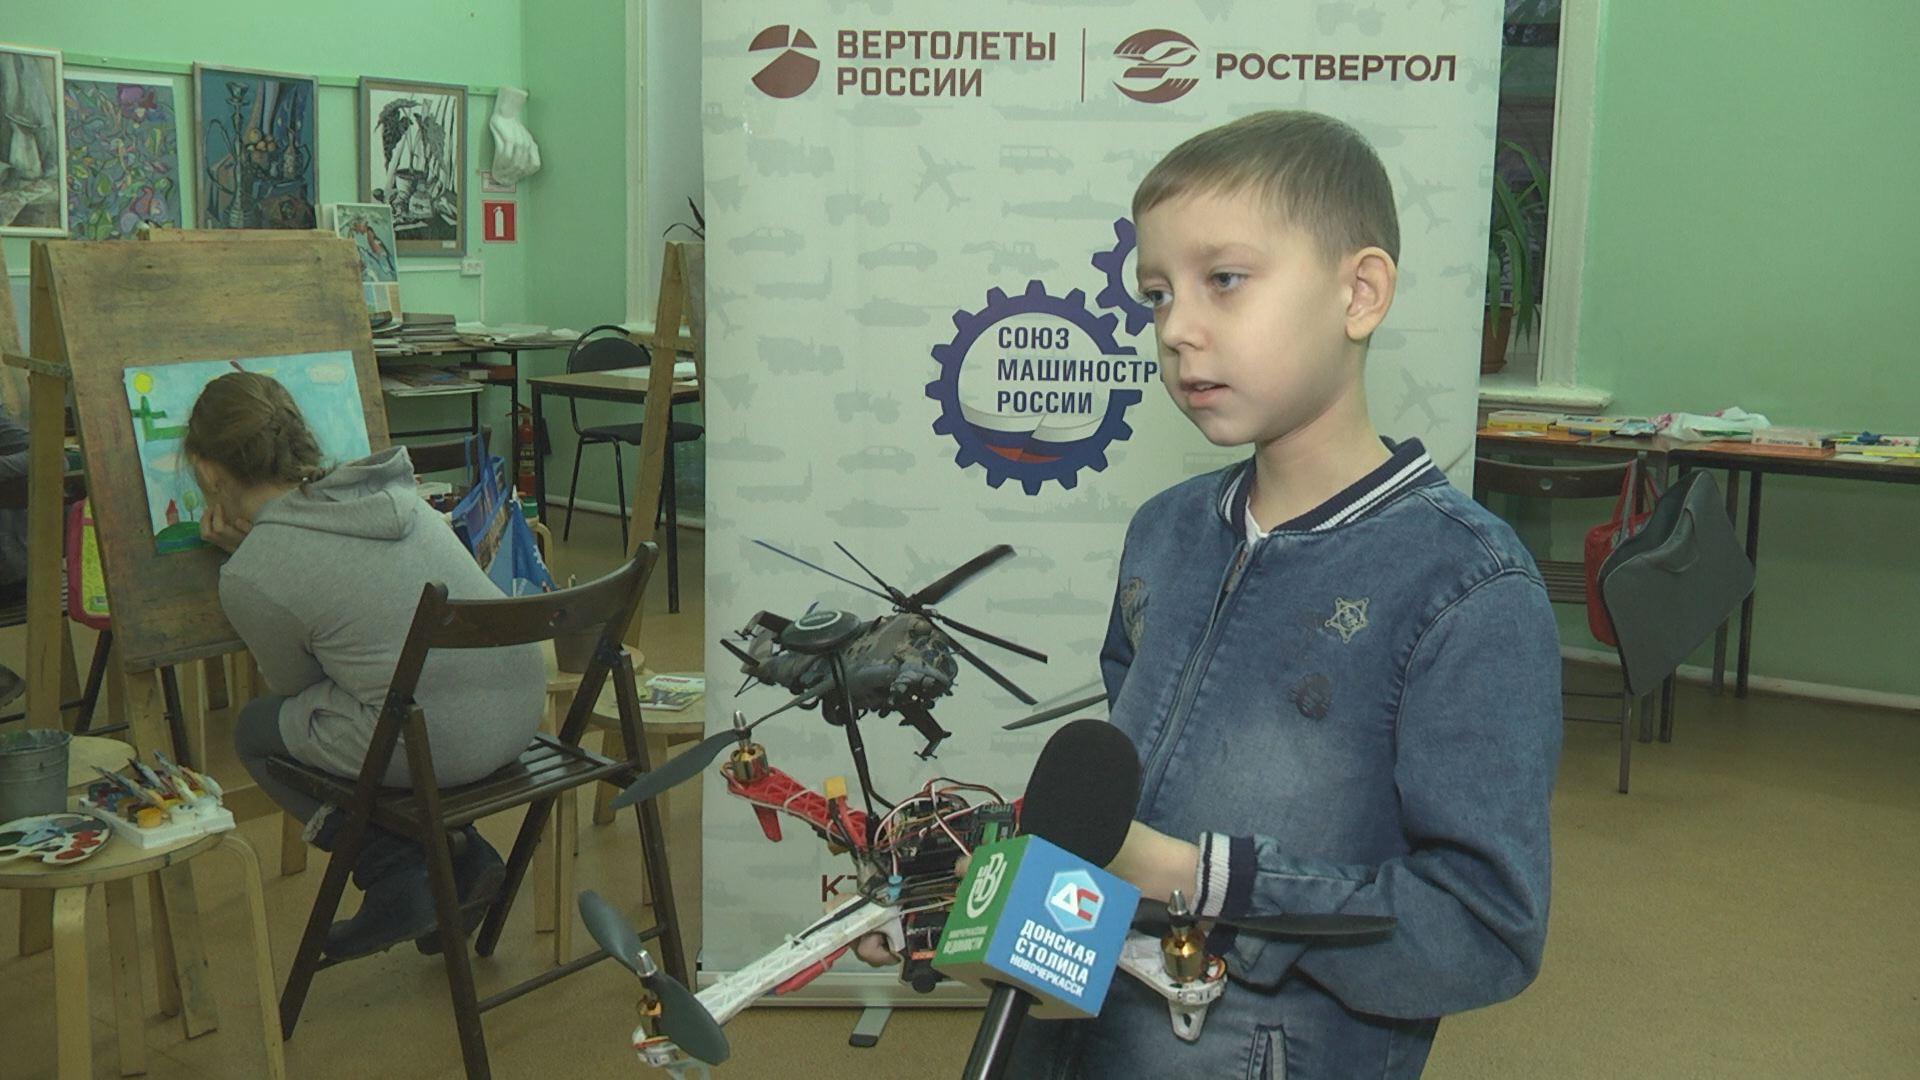 """Юный техник из Новочеркасска создал квадрокоптер для участия в конкурсе """"Дети рисуют вертолеты"""""""